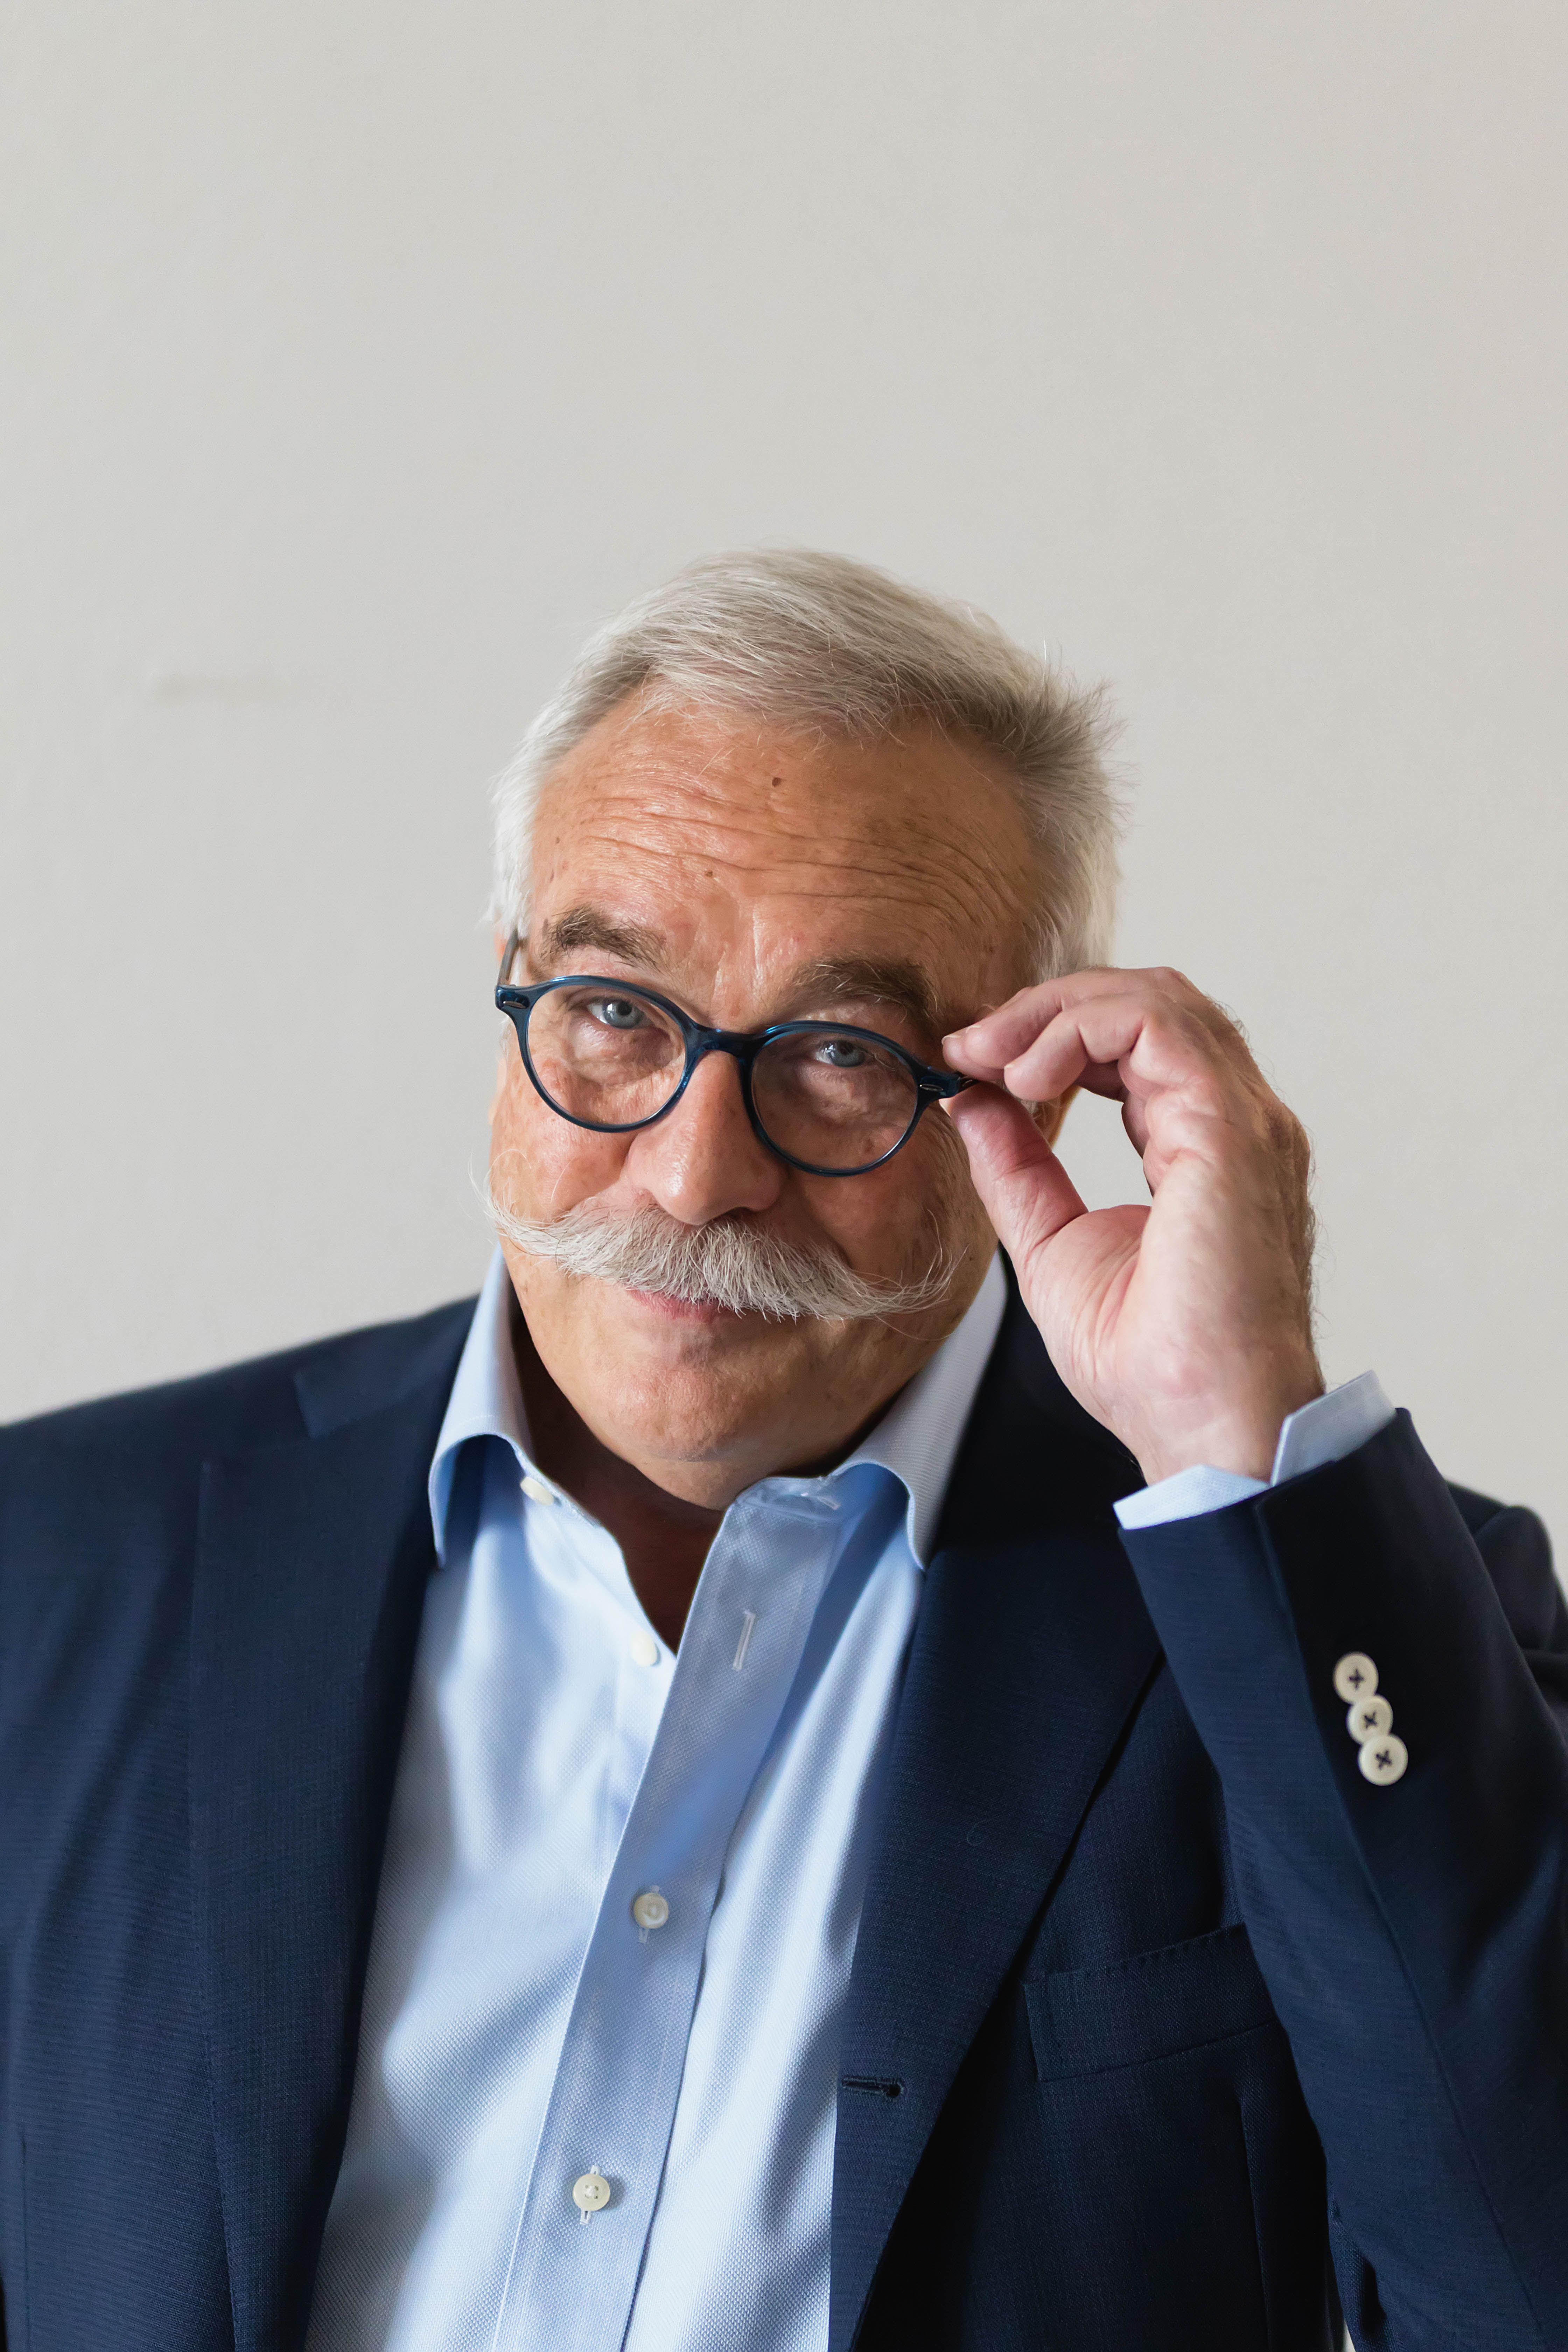 Marco Manferdini